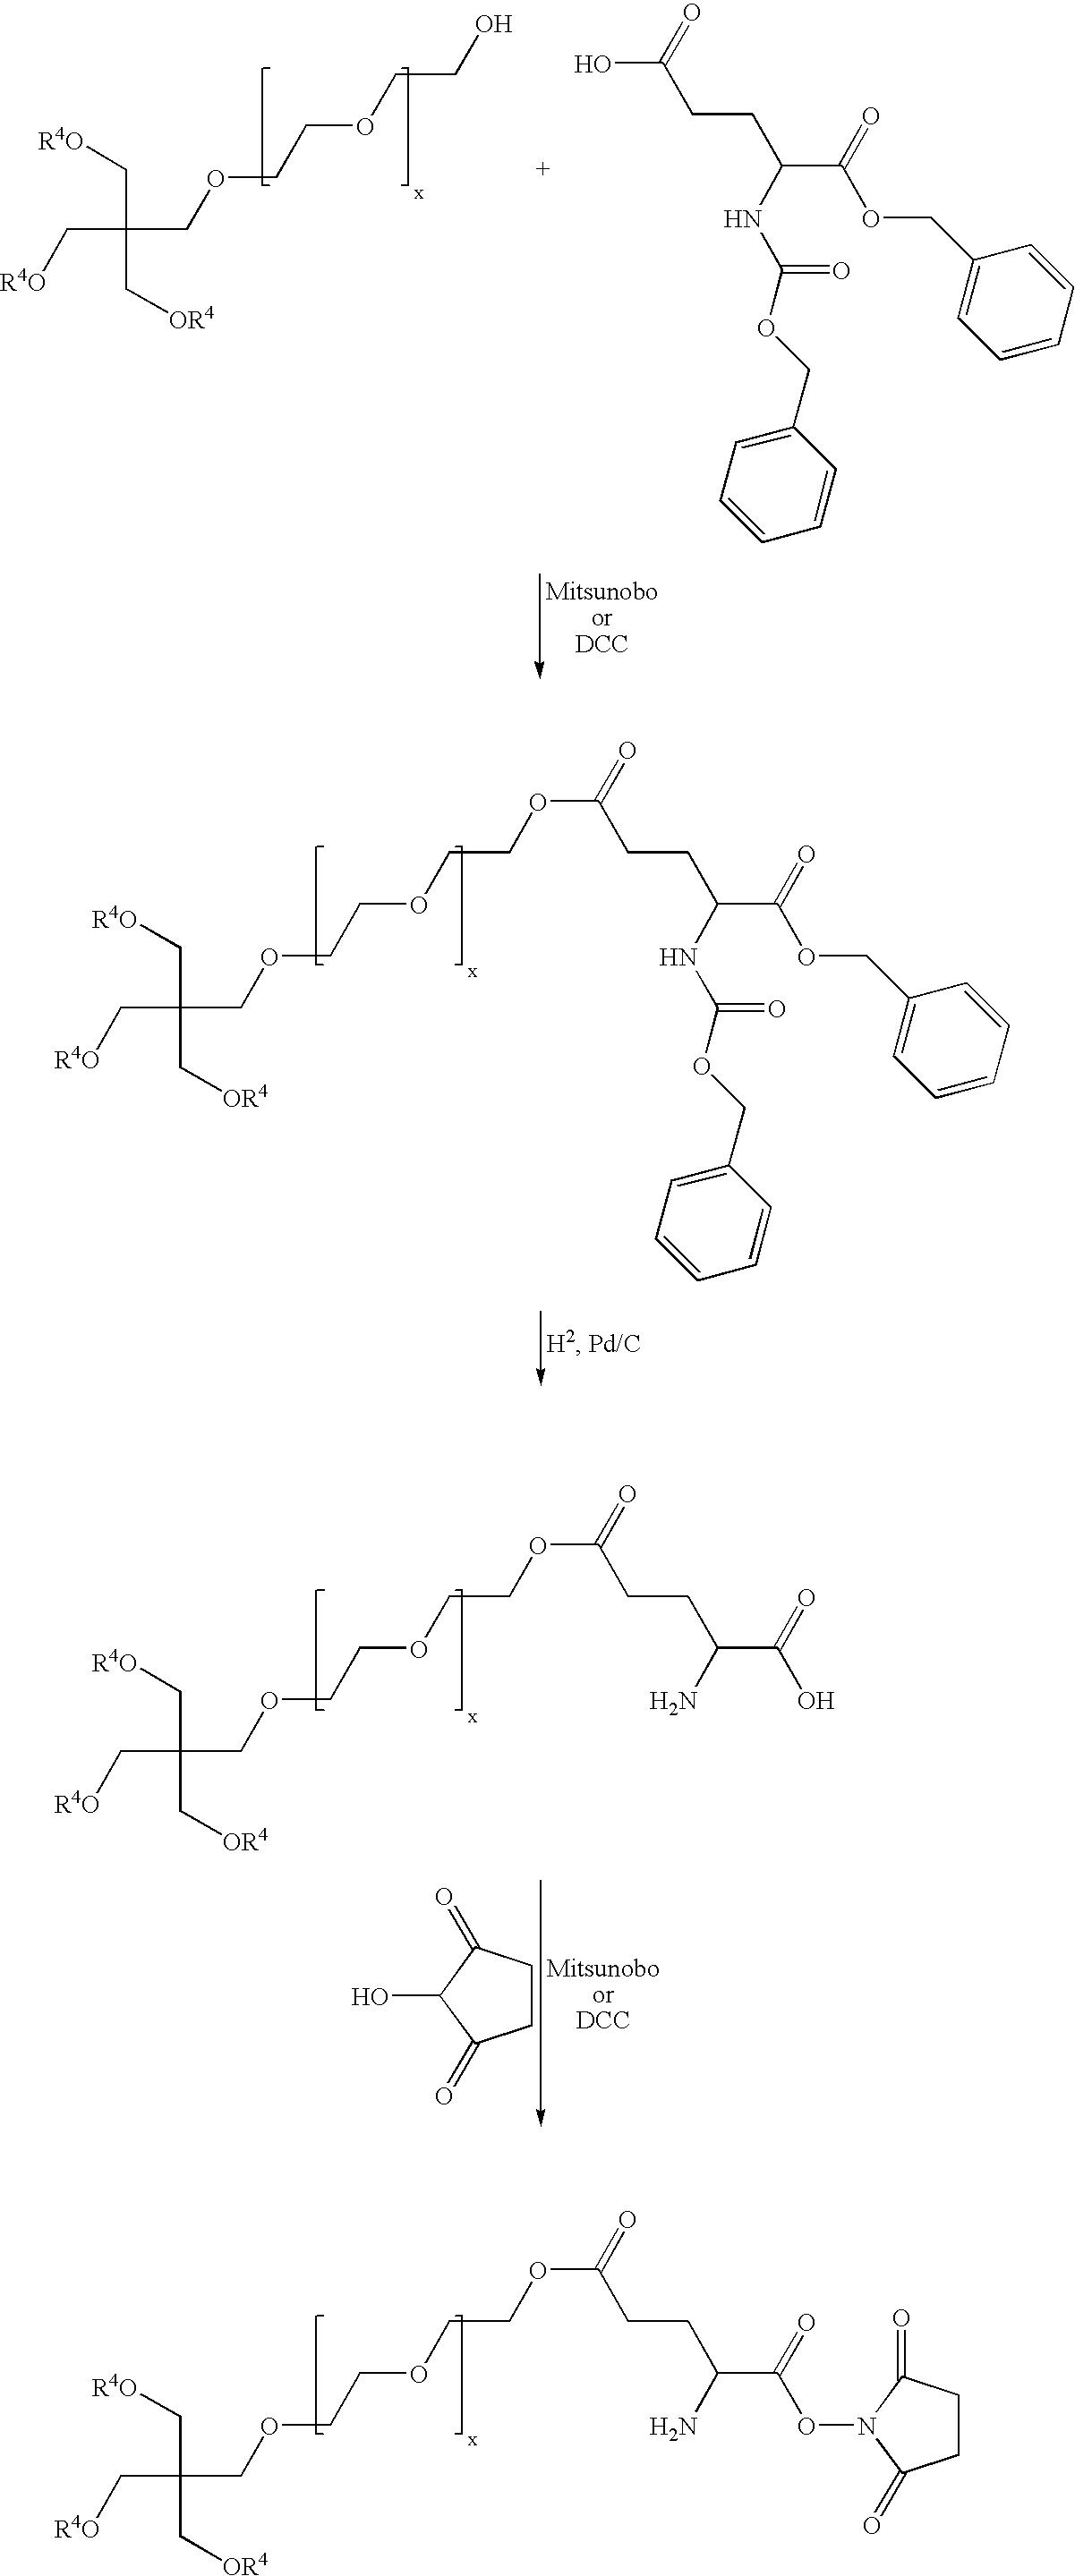 Figure US20050183731A1-20050825-C00118